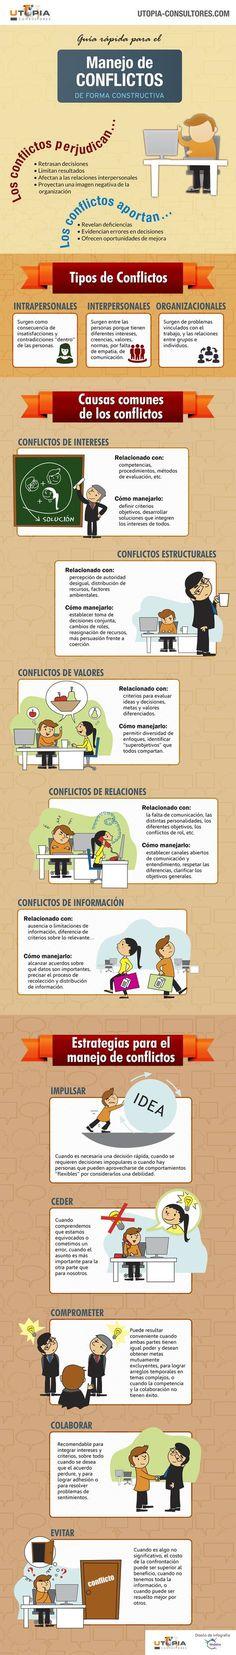 Guía rápida para el manejo de conflictos #infografia #infographic